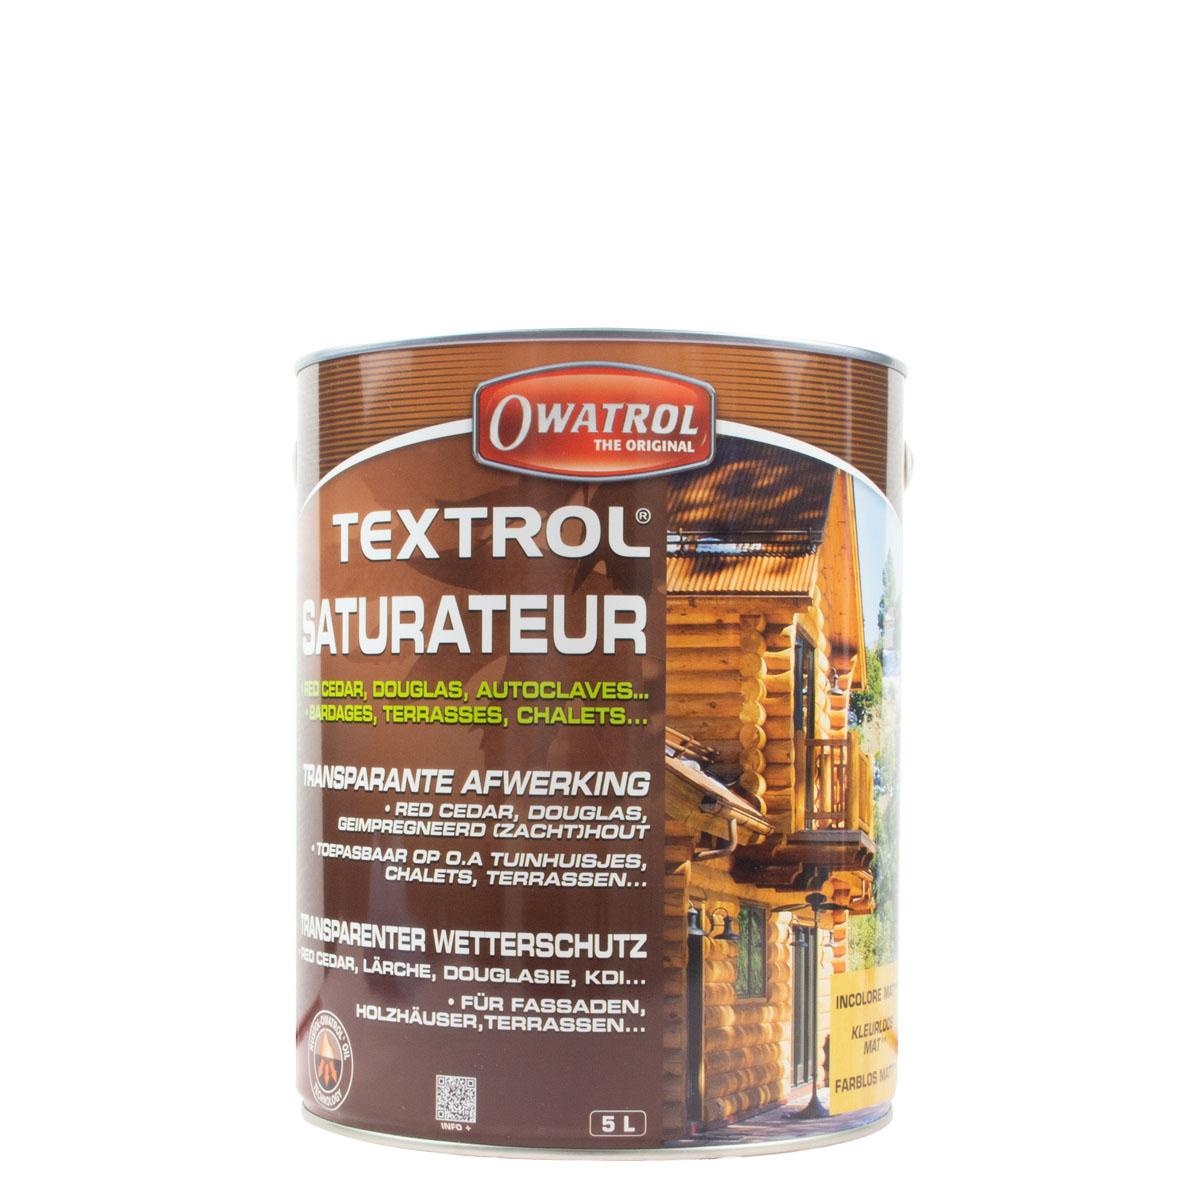 Owatrol Textrol farblos 5L, transparenter Wetterschutz